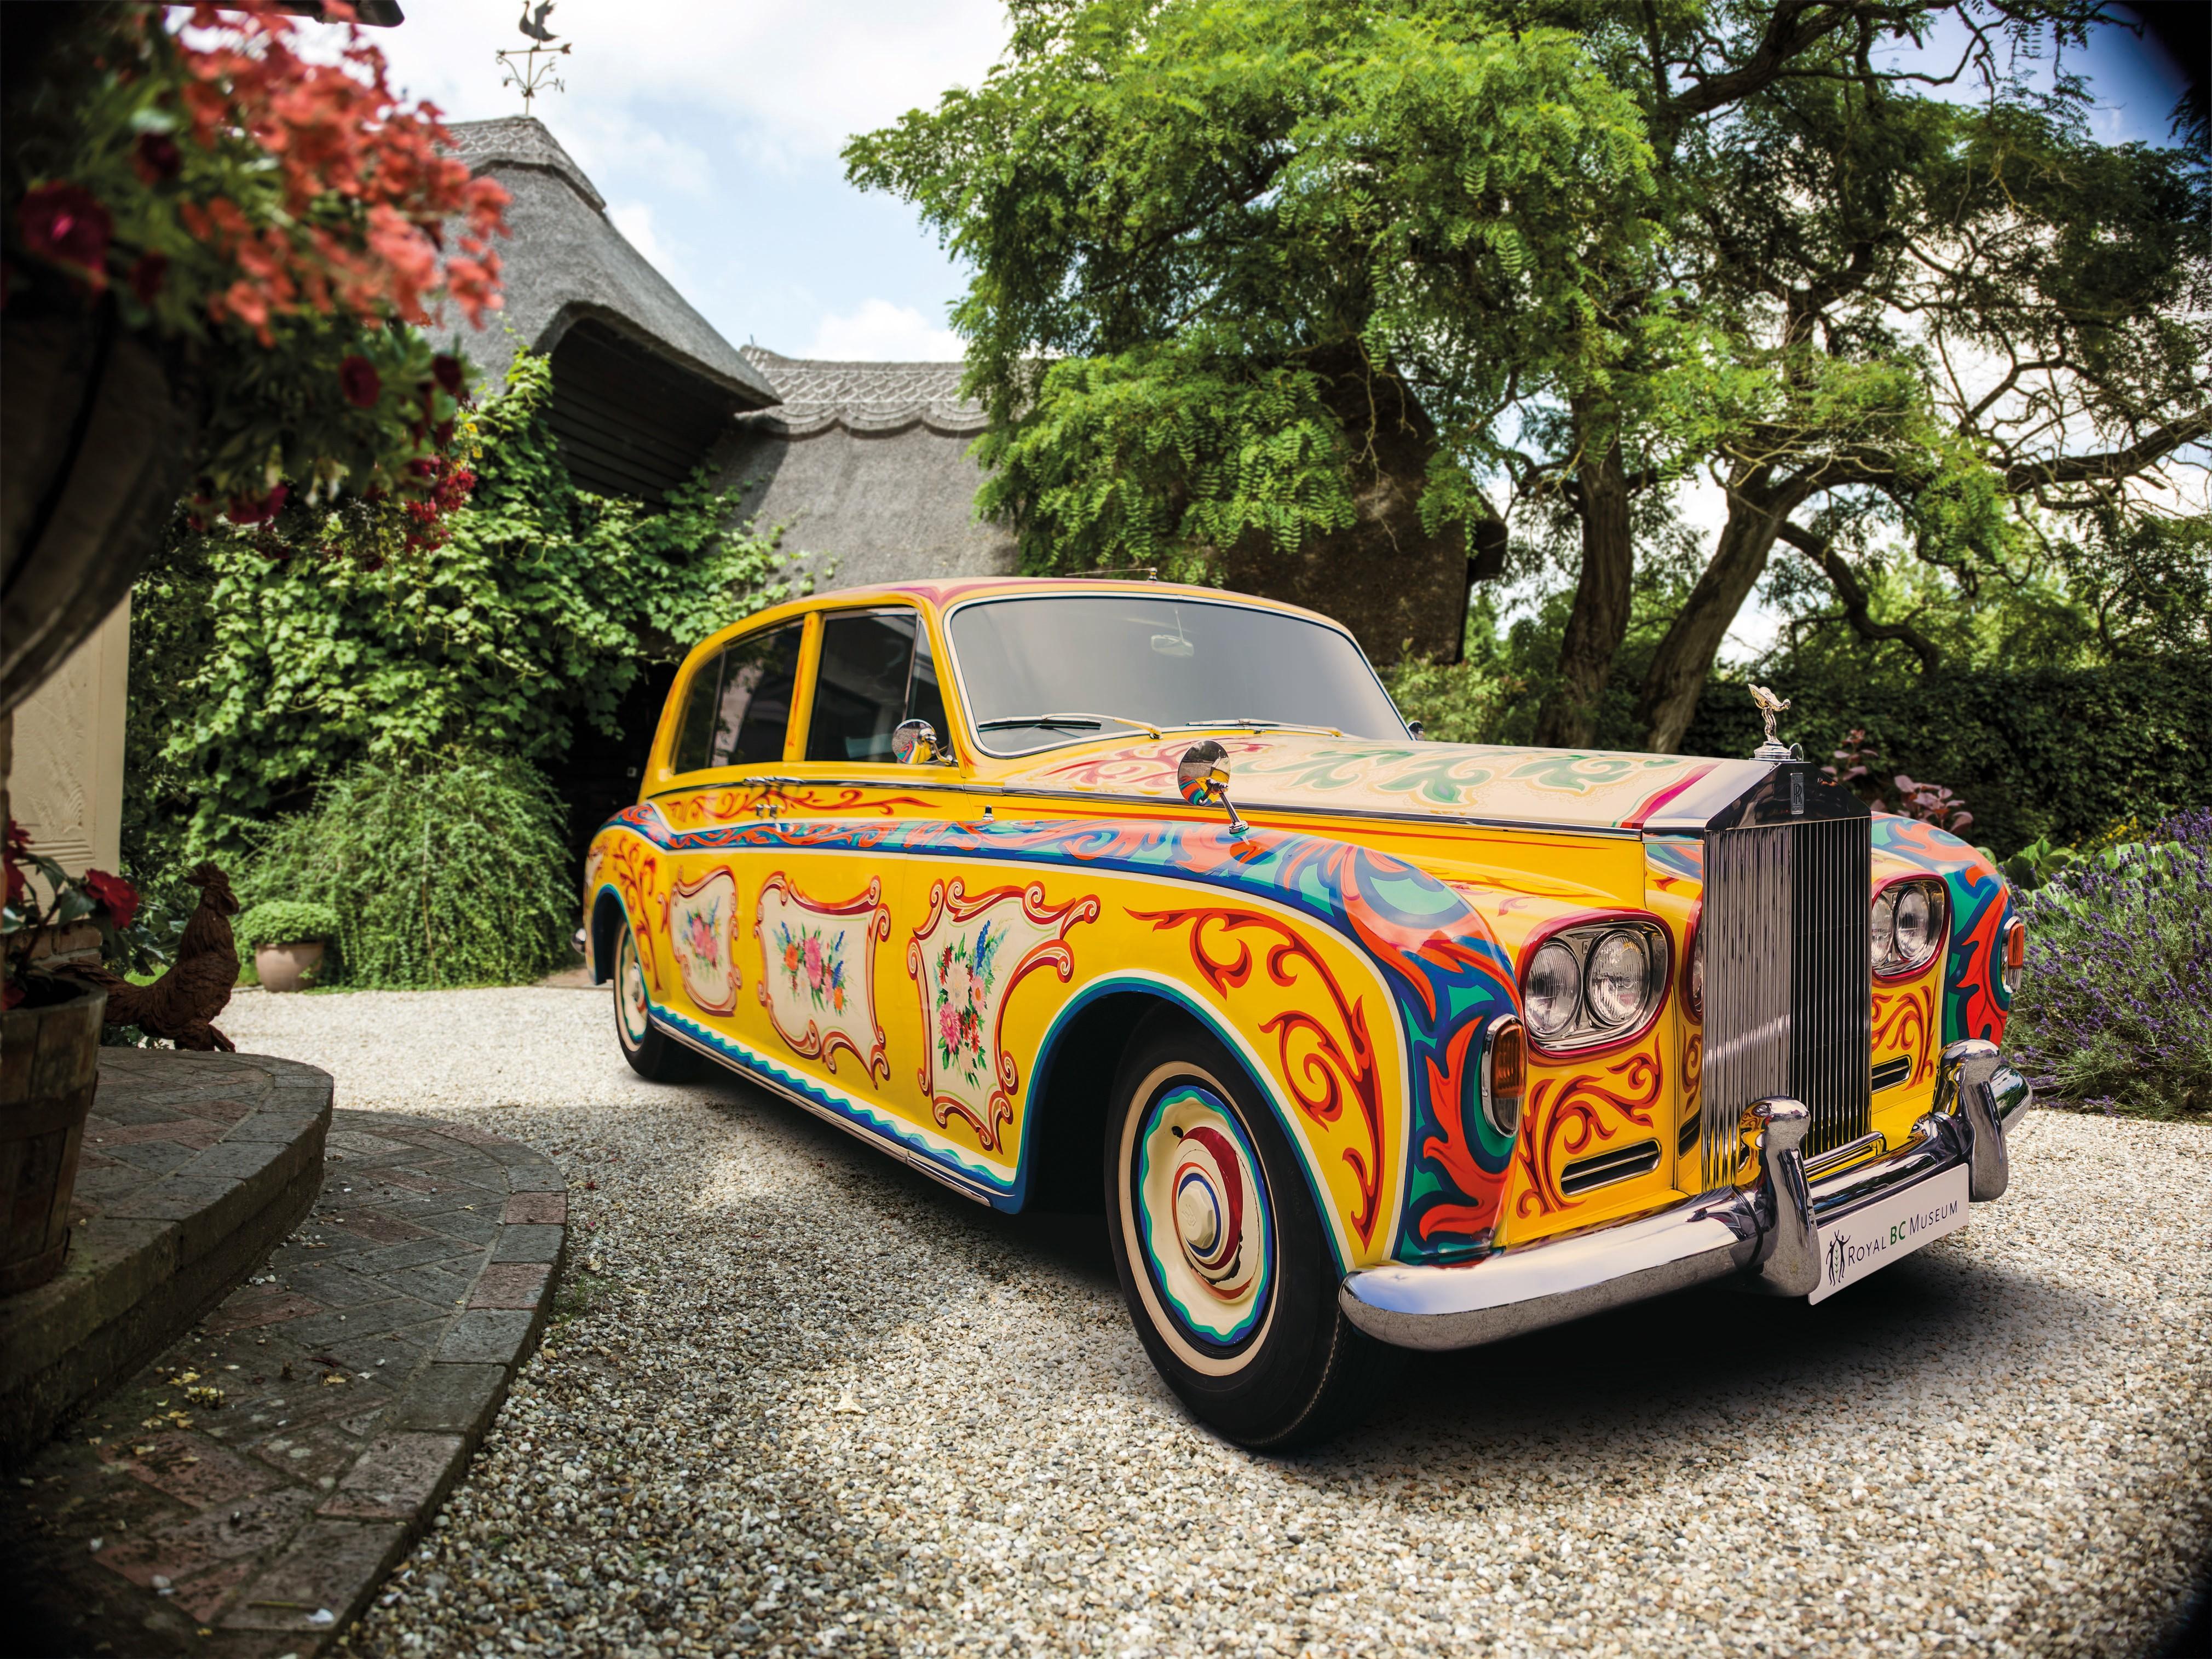 From John Lennon's Rolls-Royce Phantom V to BMW's Elements